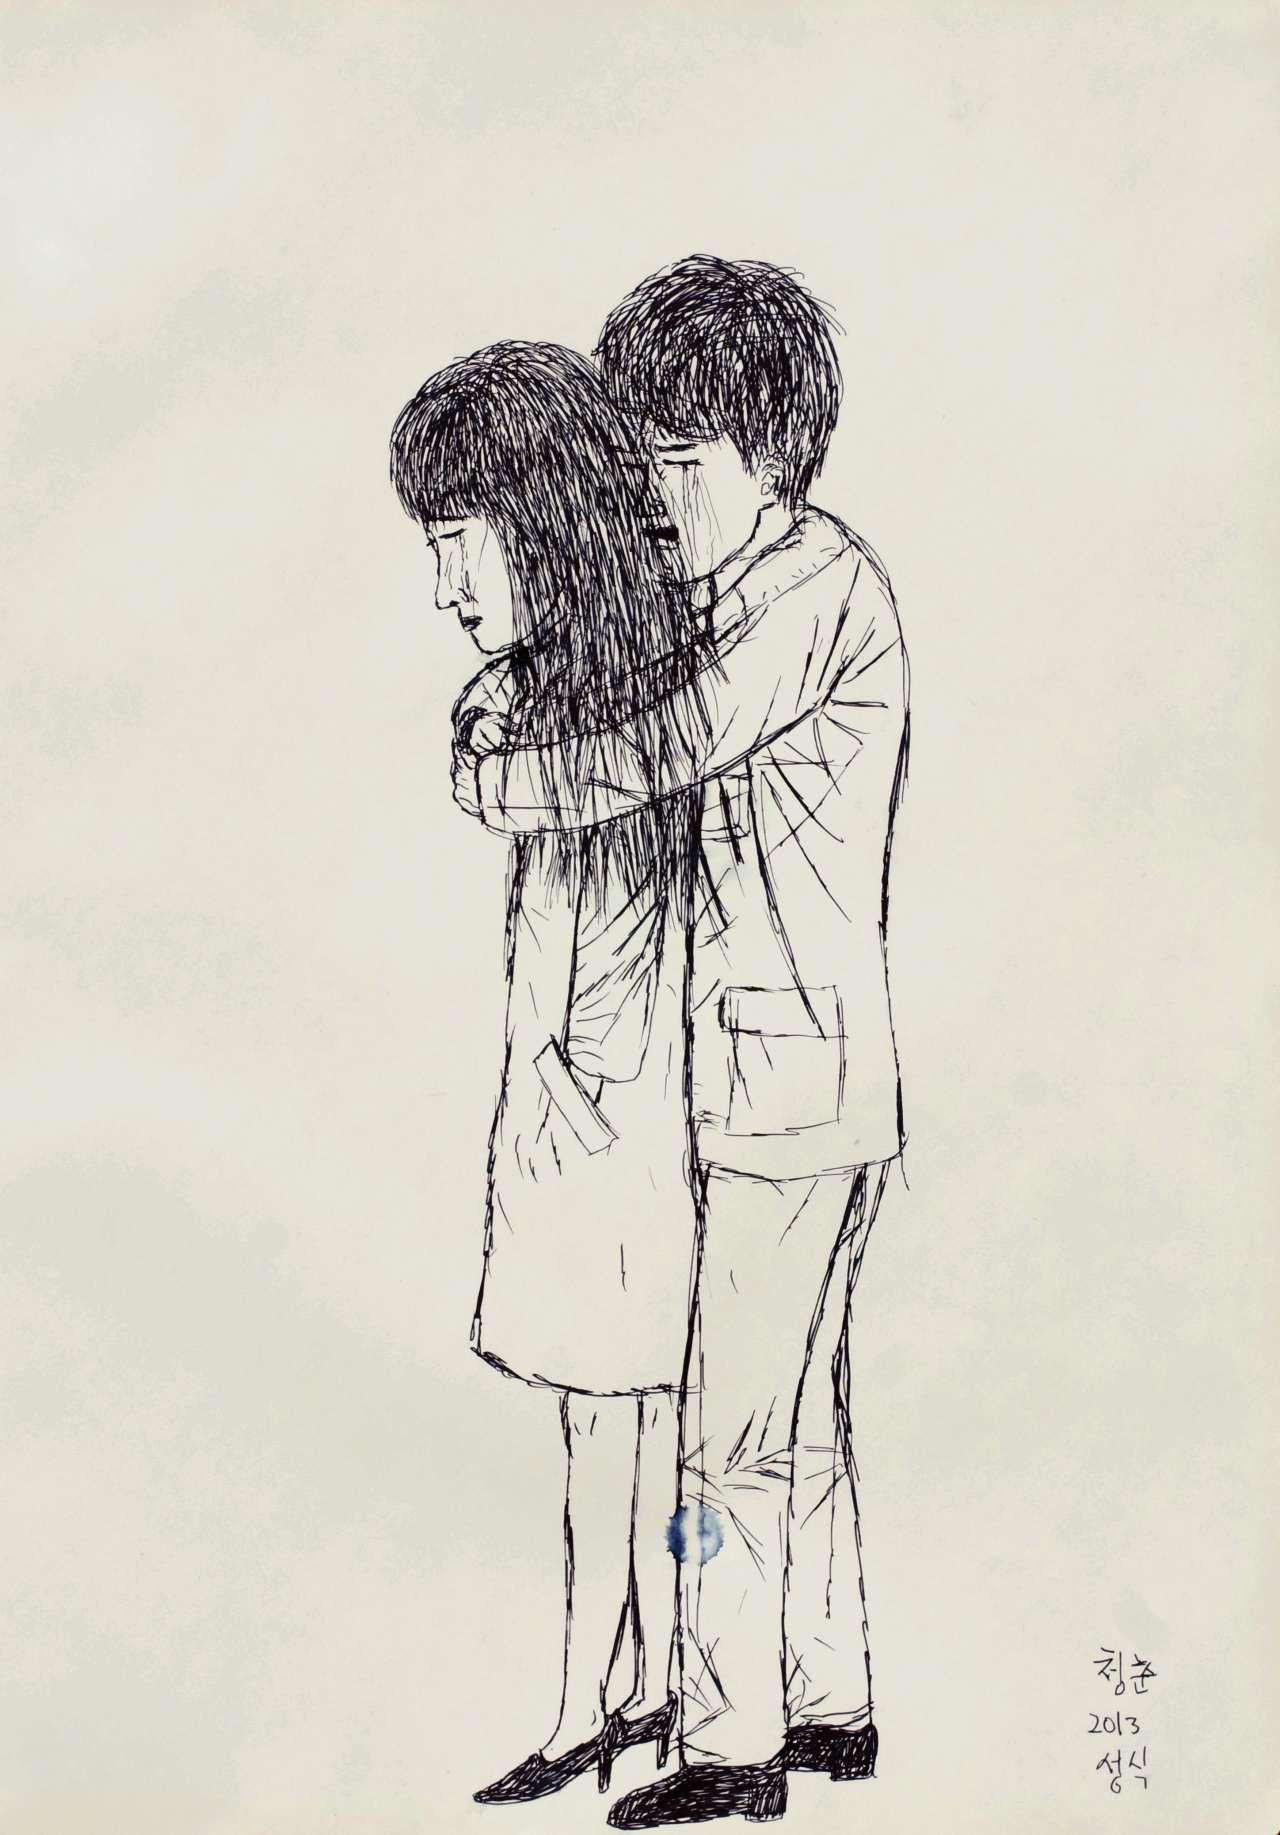 '청춘', 종이에 잉크,42×29.4cm, 2013,Courtesy of the artist and Kukje Gallery 이미지 제공: 국제 갤러리